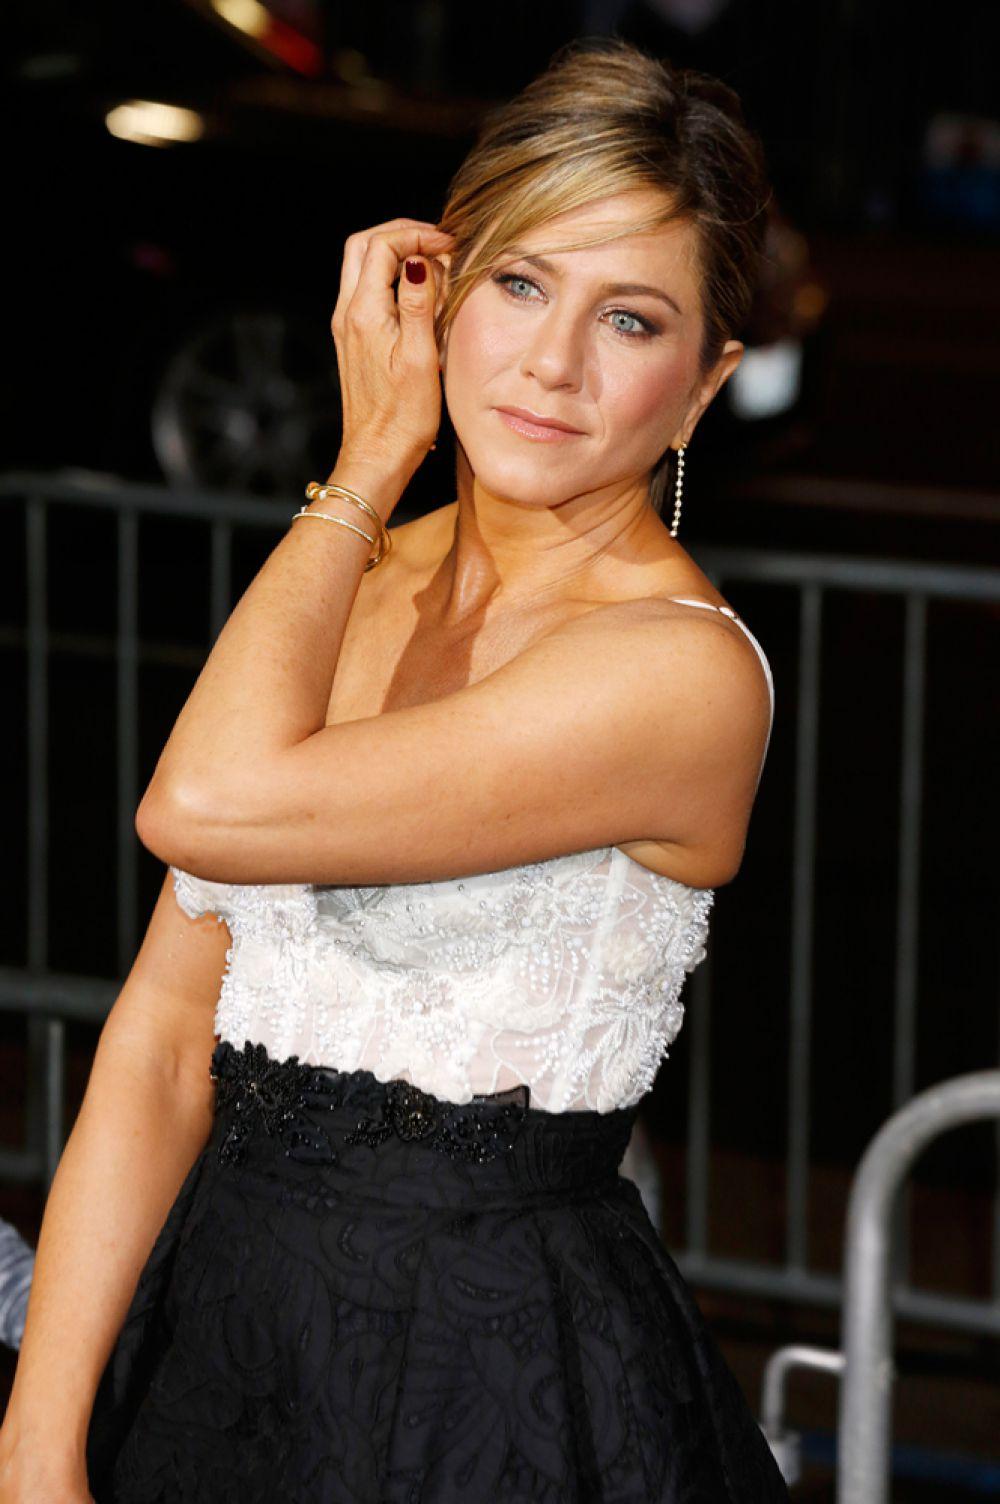 Приз за лучшую женскую актерскую работу достался Дженнифер Энистон (фильм «Торт»).